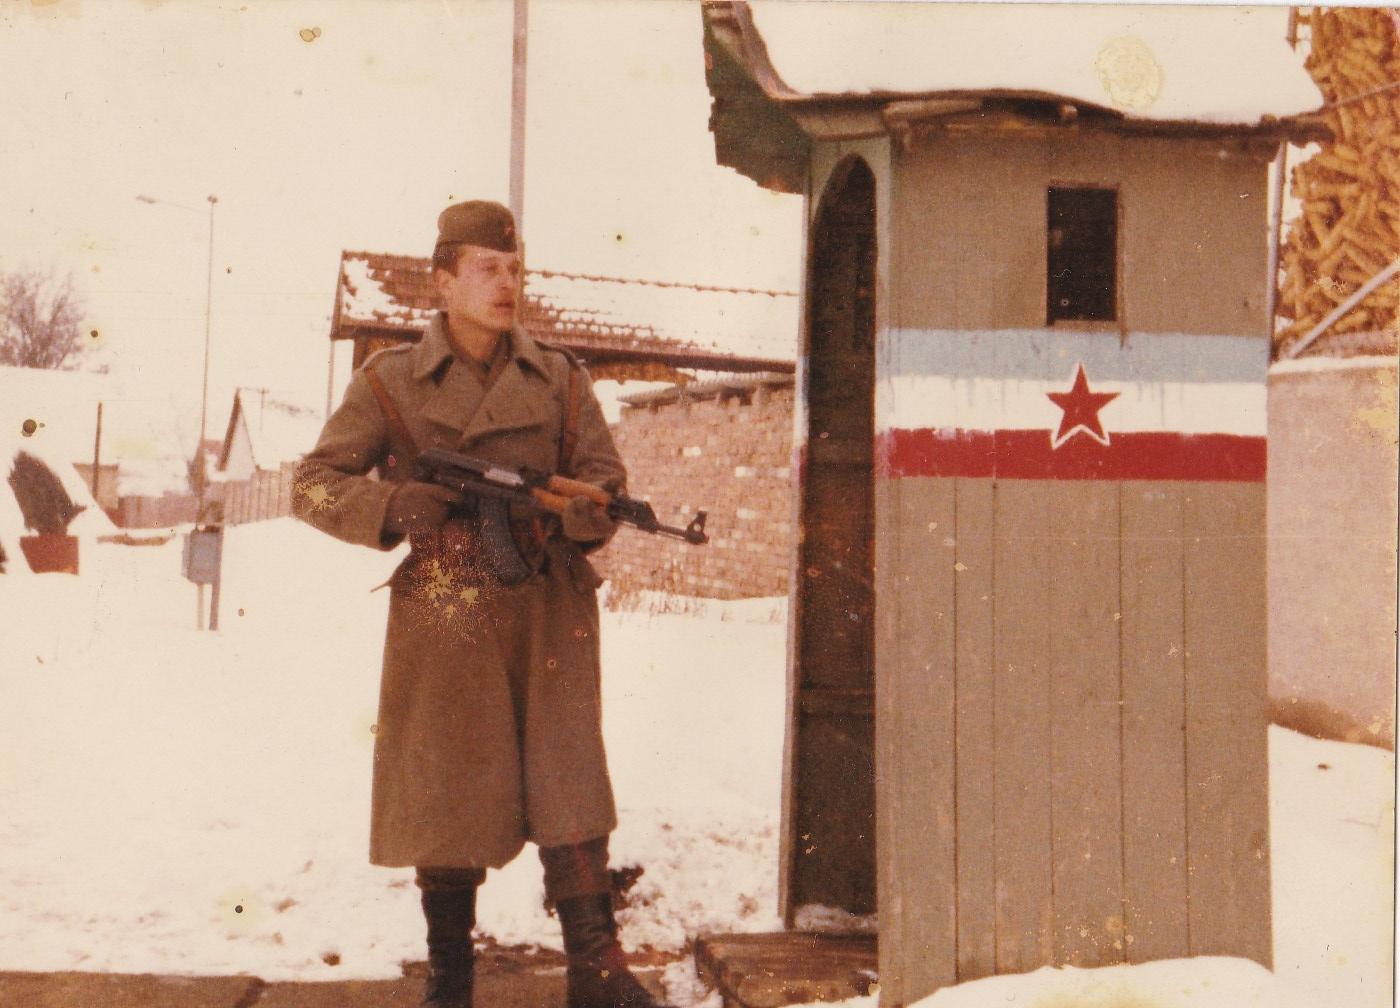 Bačka topola topovska baterija 1981/82 Zwe3at